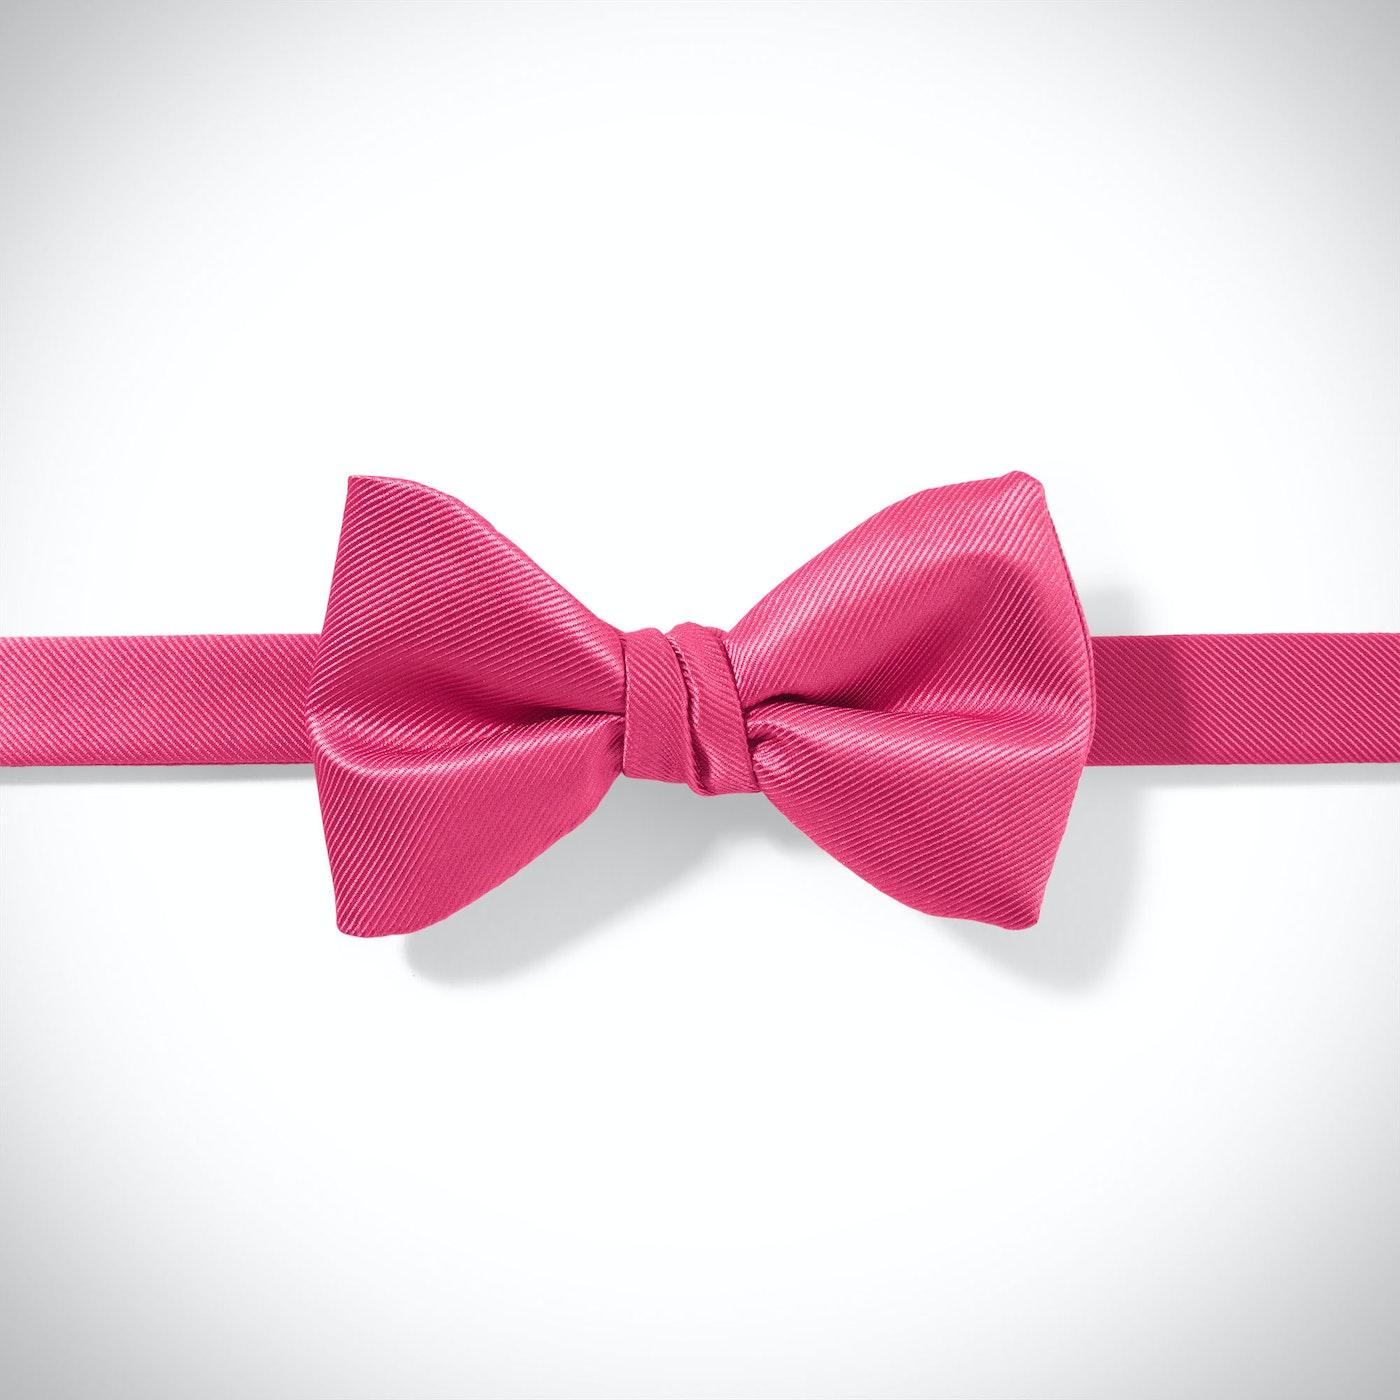 Deep Pink Pre-Tied Bow Tie